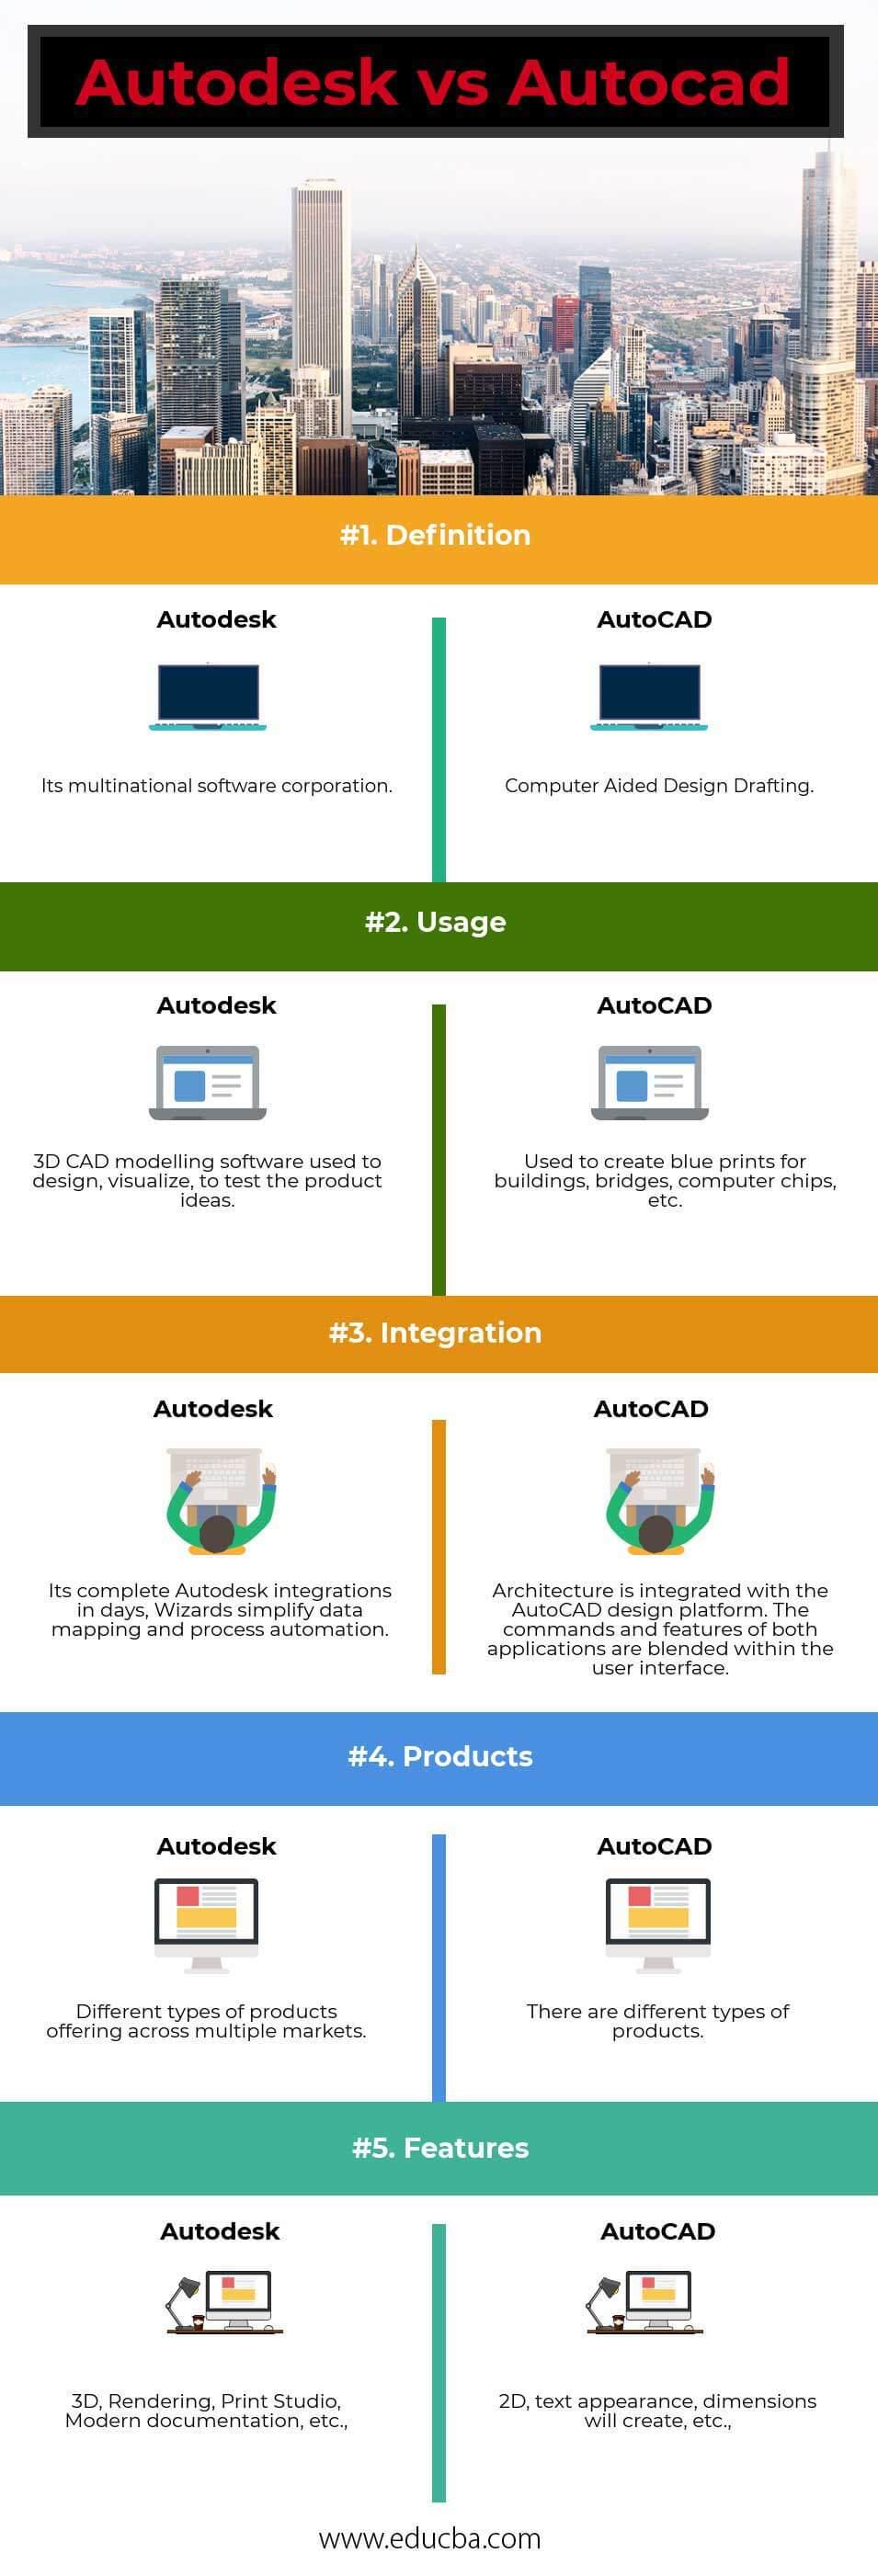 Autodesk-vs-Autocad